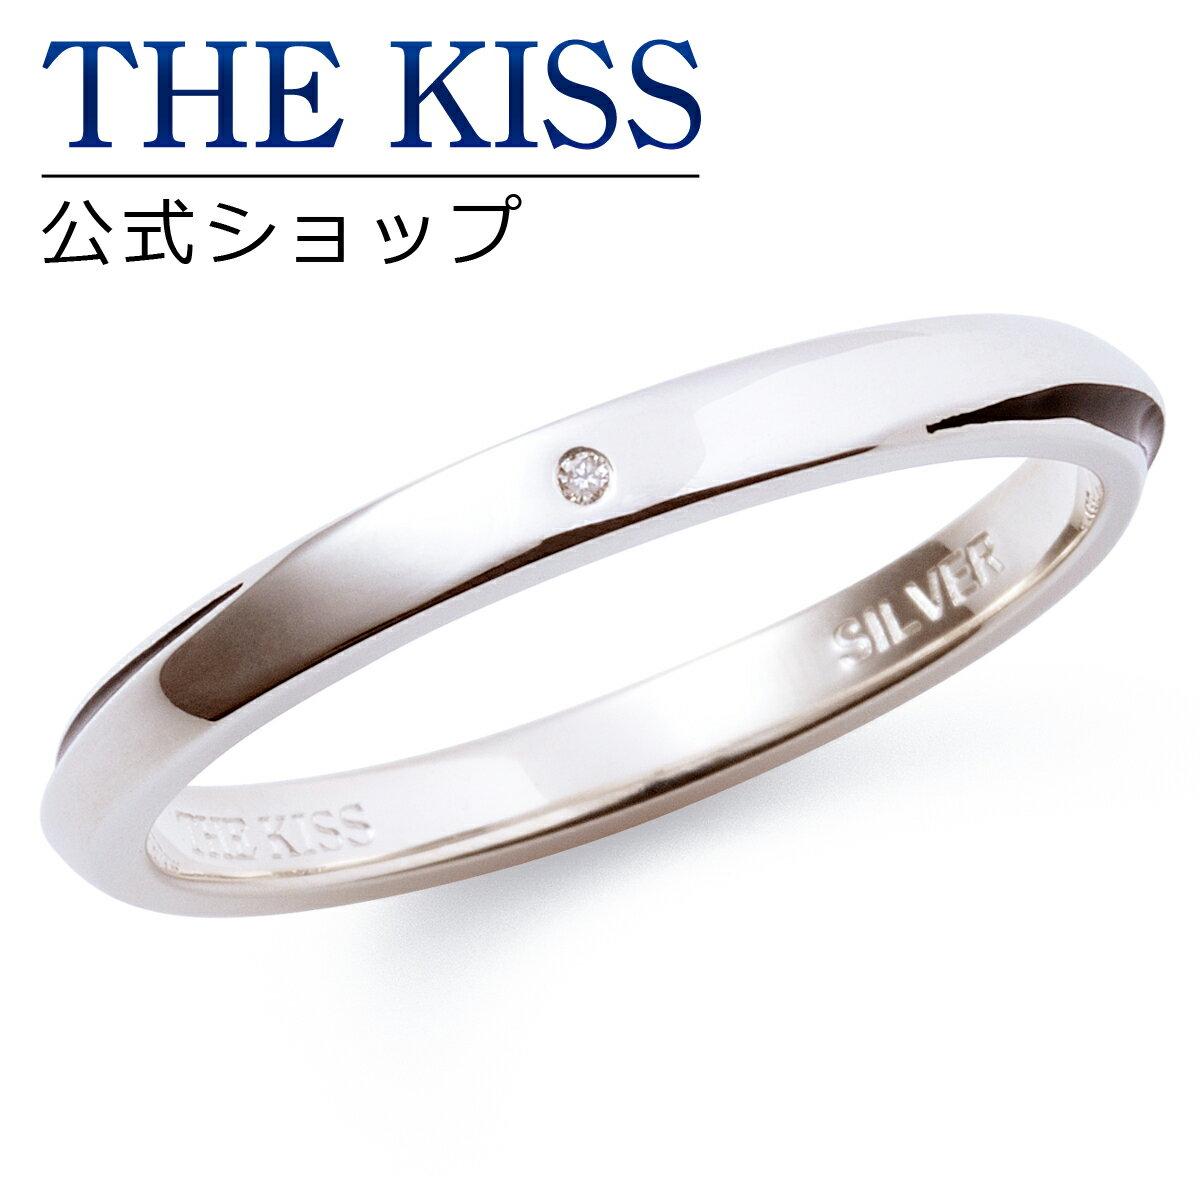 ペアアクセサリー, ペアリング THE KISS THEKISS SR6097BK-DM